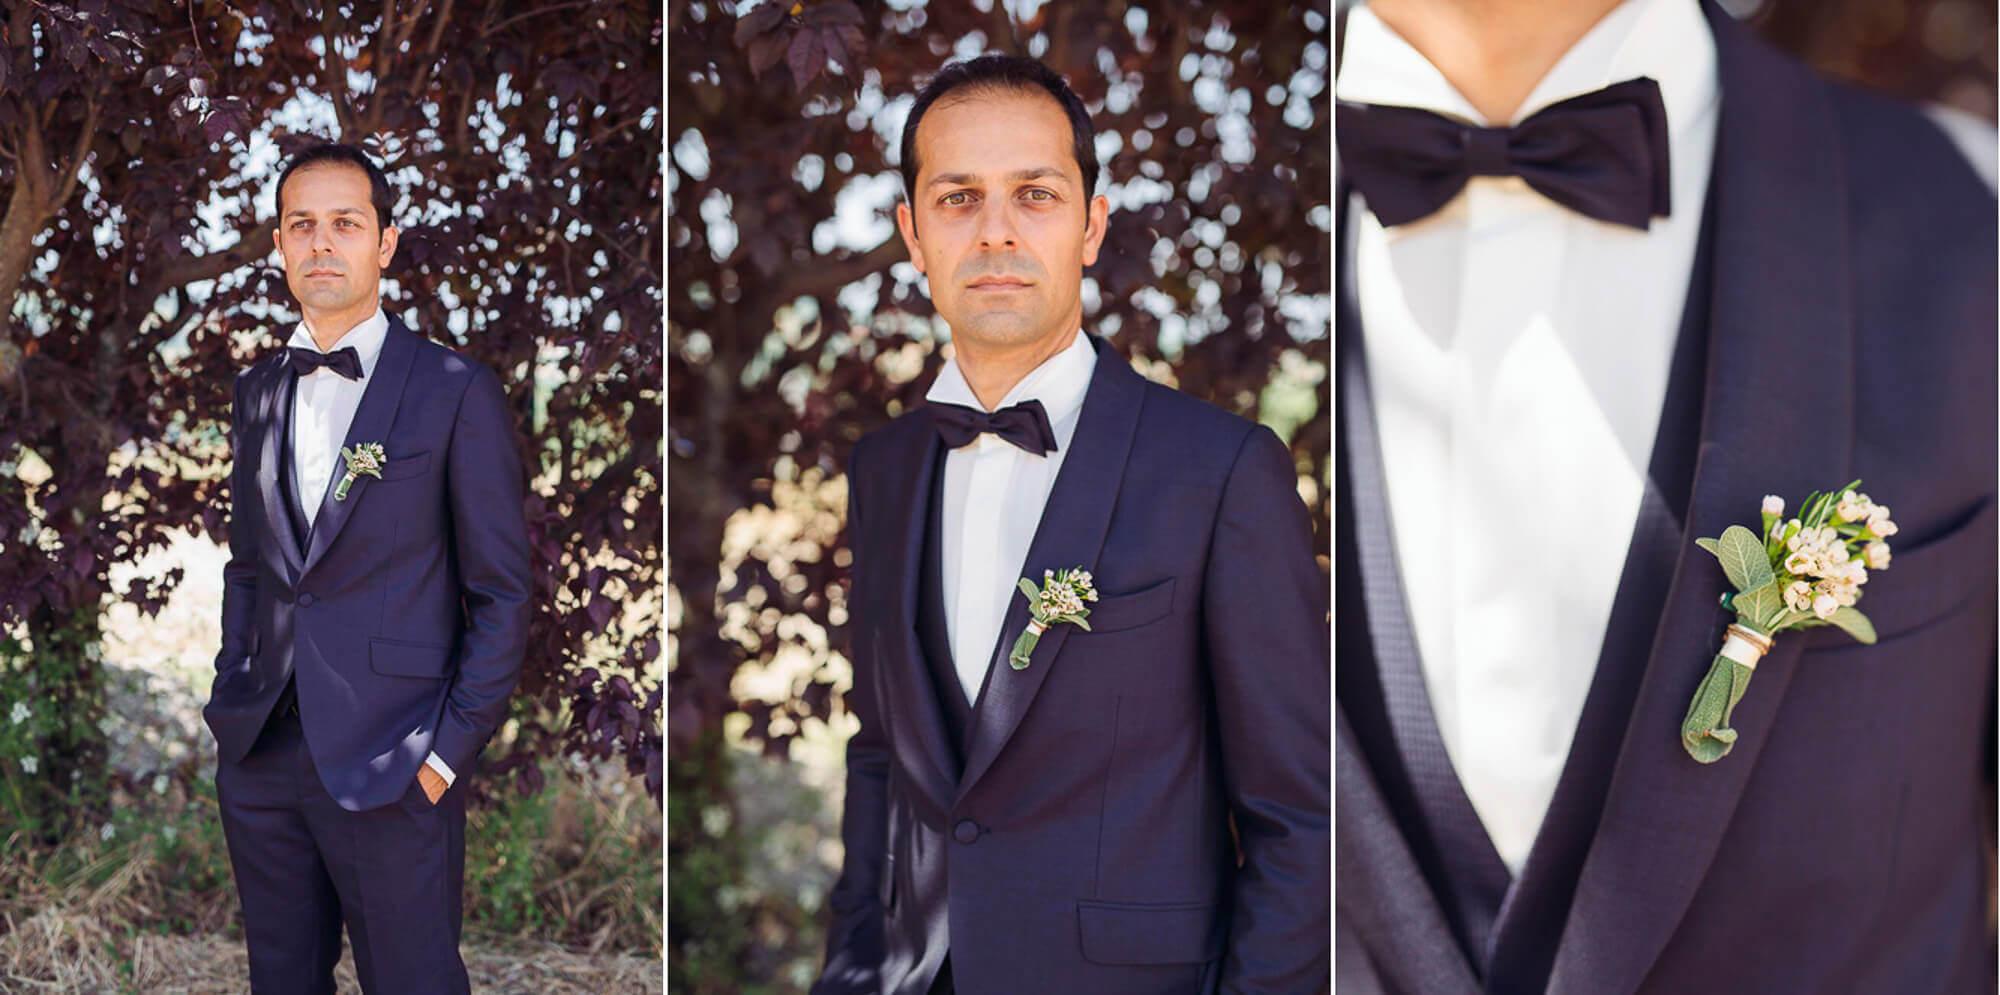 35_wedding_groom getting ready.jpg